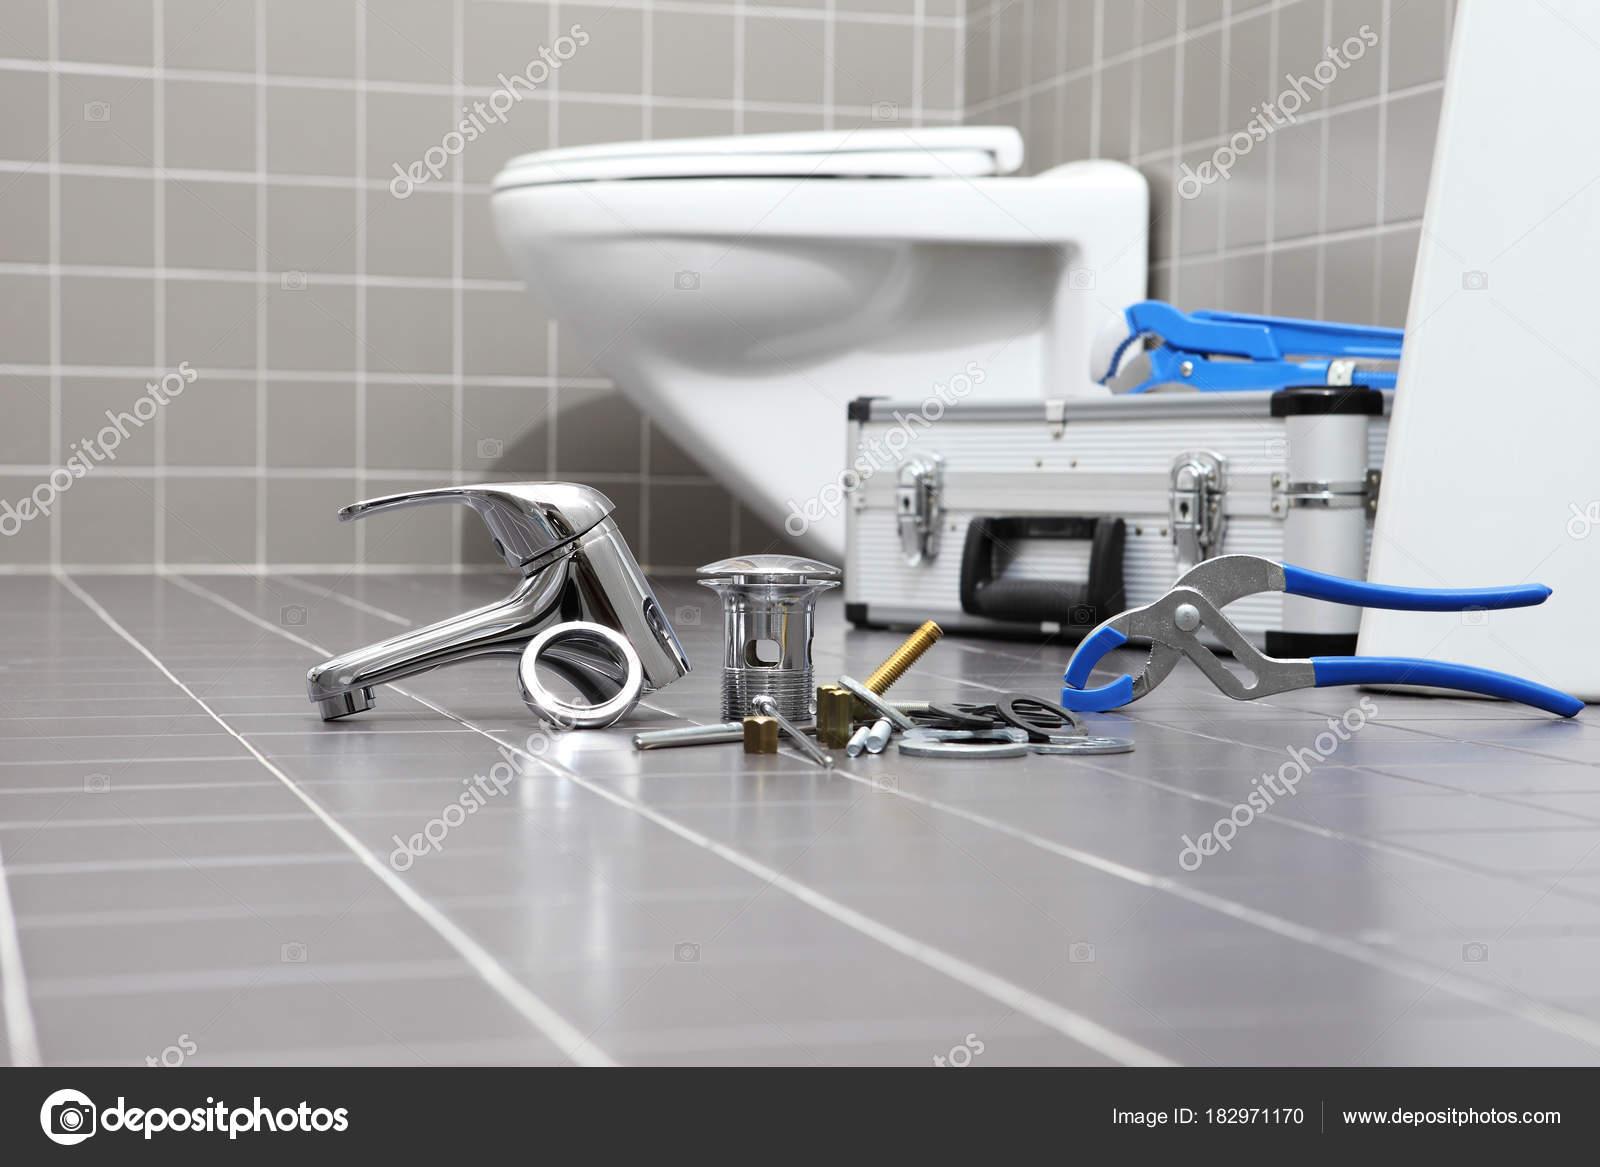 Utensili idraulici e attrezzature in bagno impianto idraulico